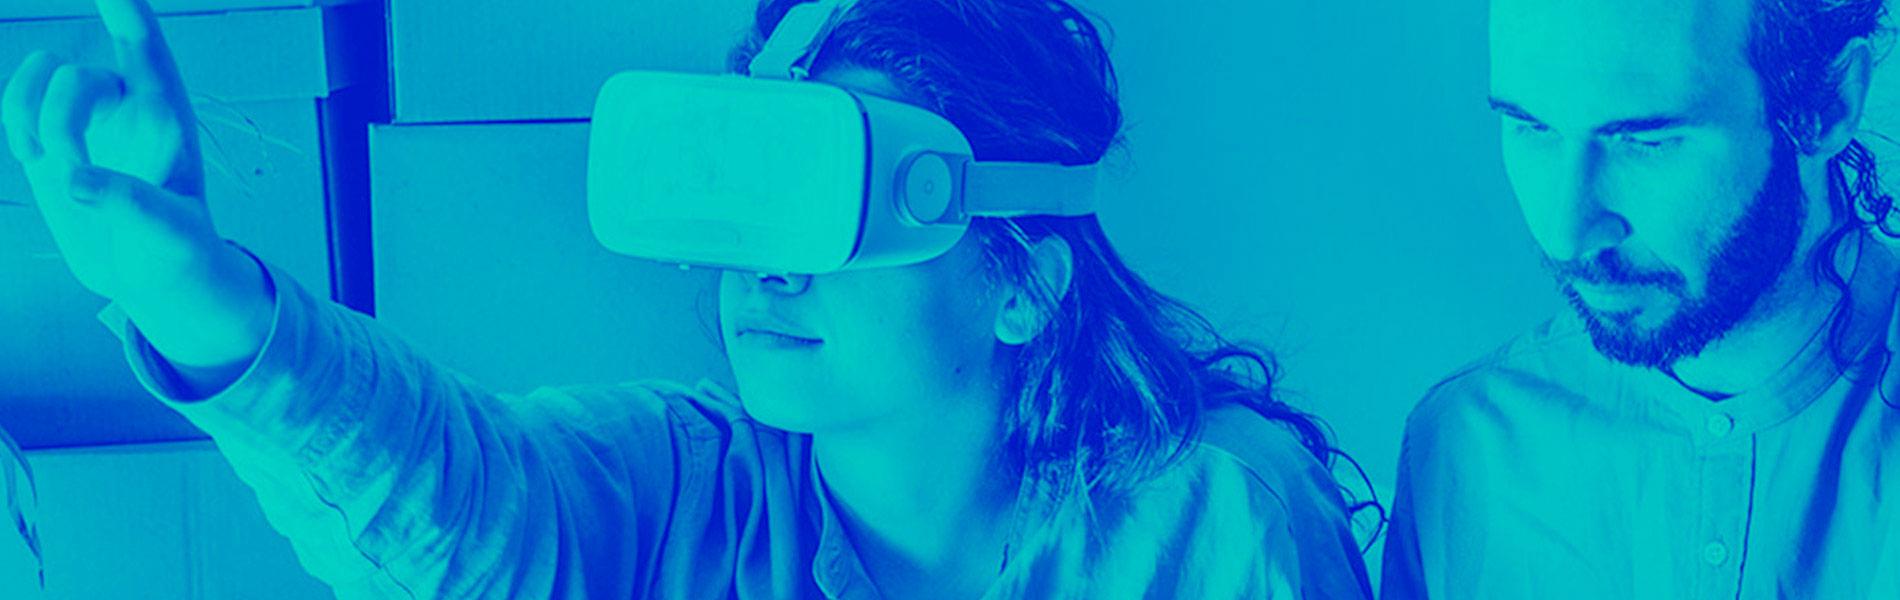 Descubre los mejores libros sobre realidad virtual